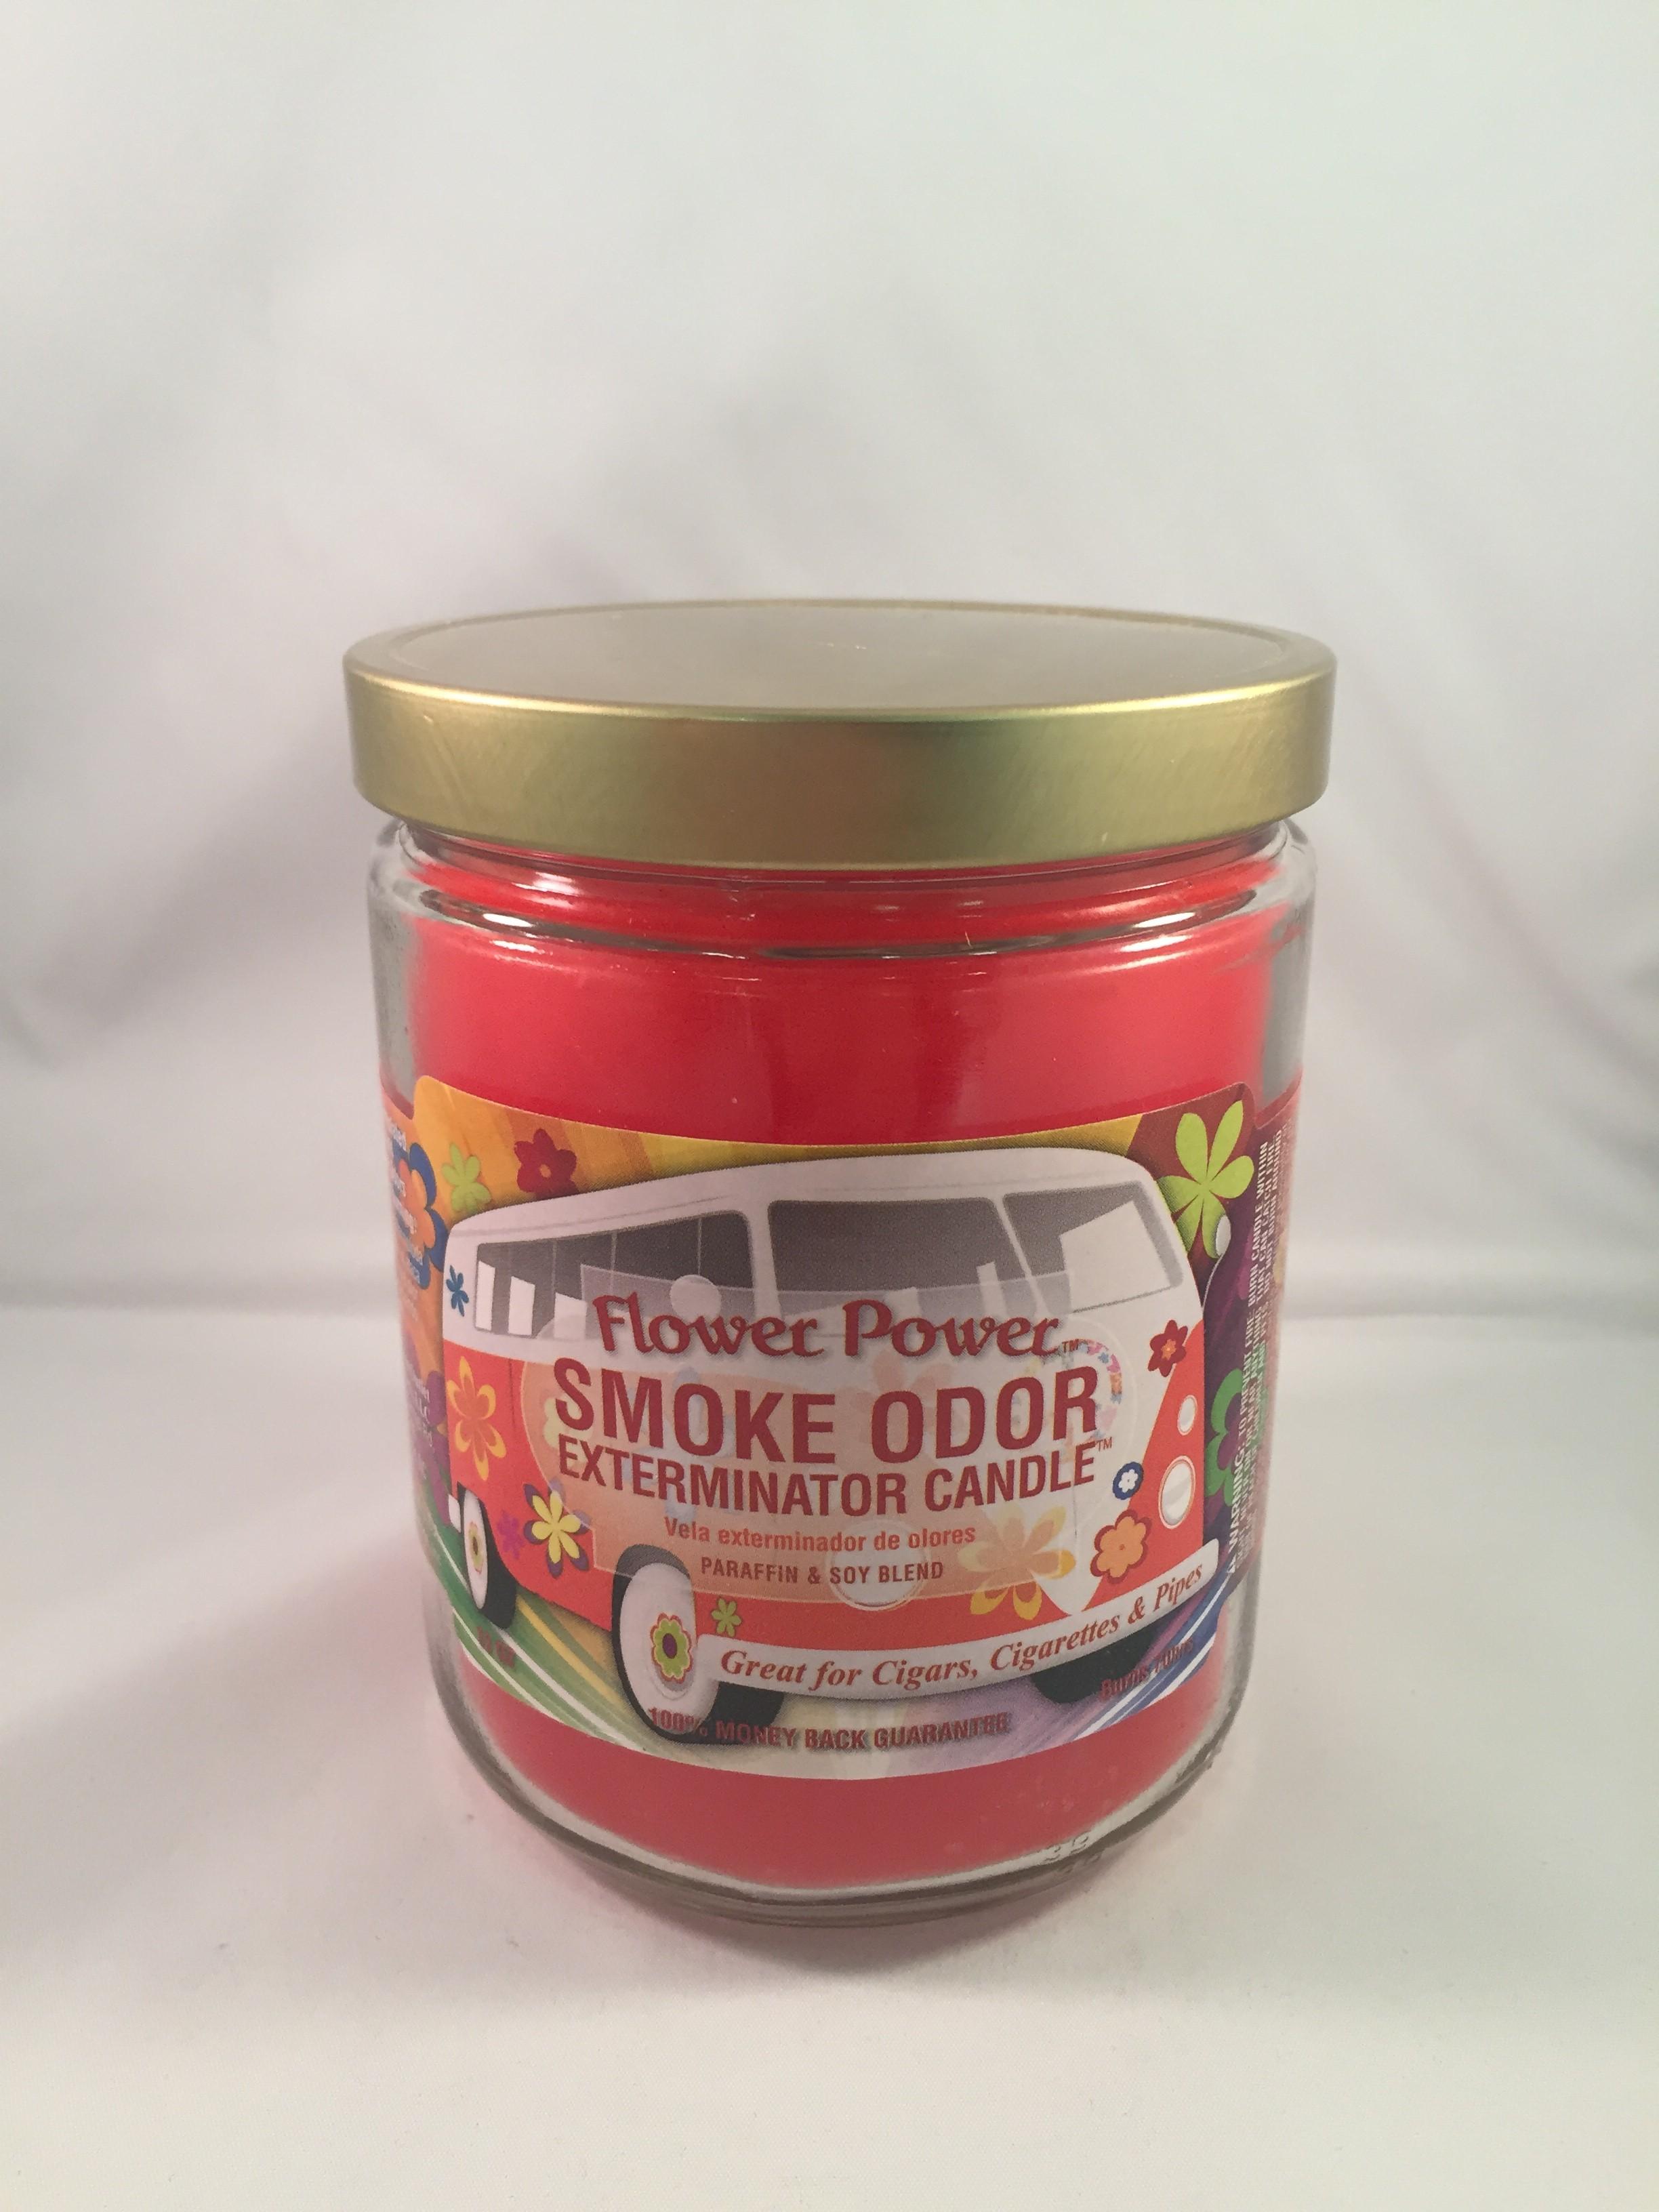 Smoke Odor Exterminator Candle - Flower Power